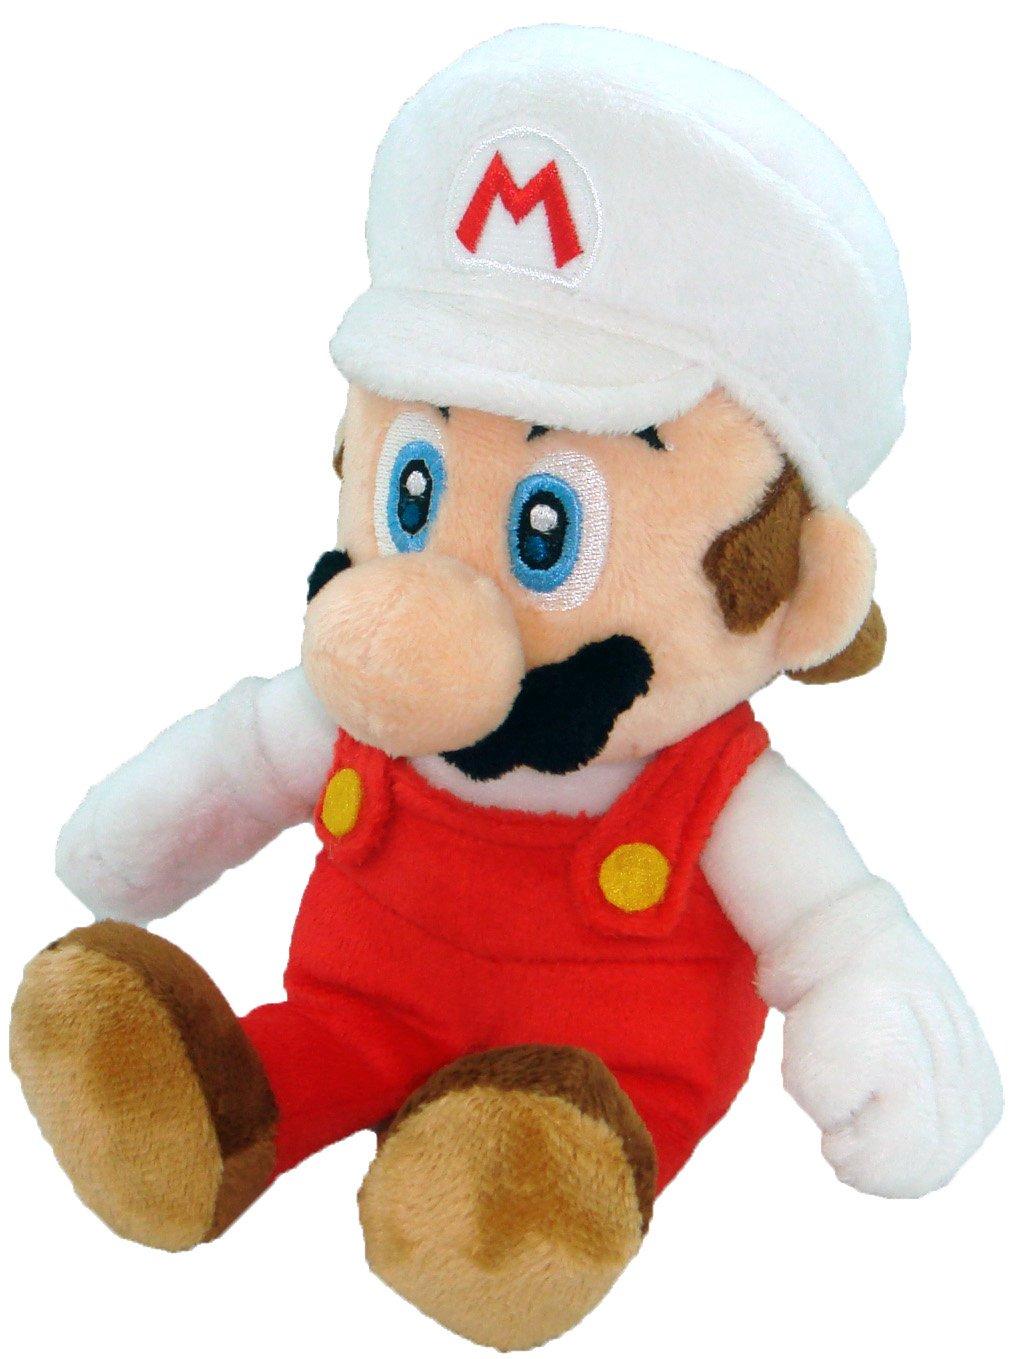 Little Buddy Toys Nintendo Official Super Mario Fire Mario Plush, 8